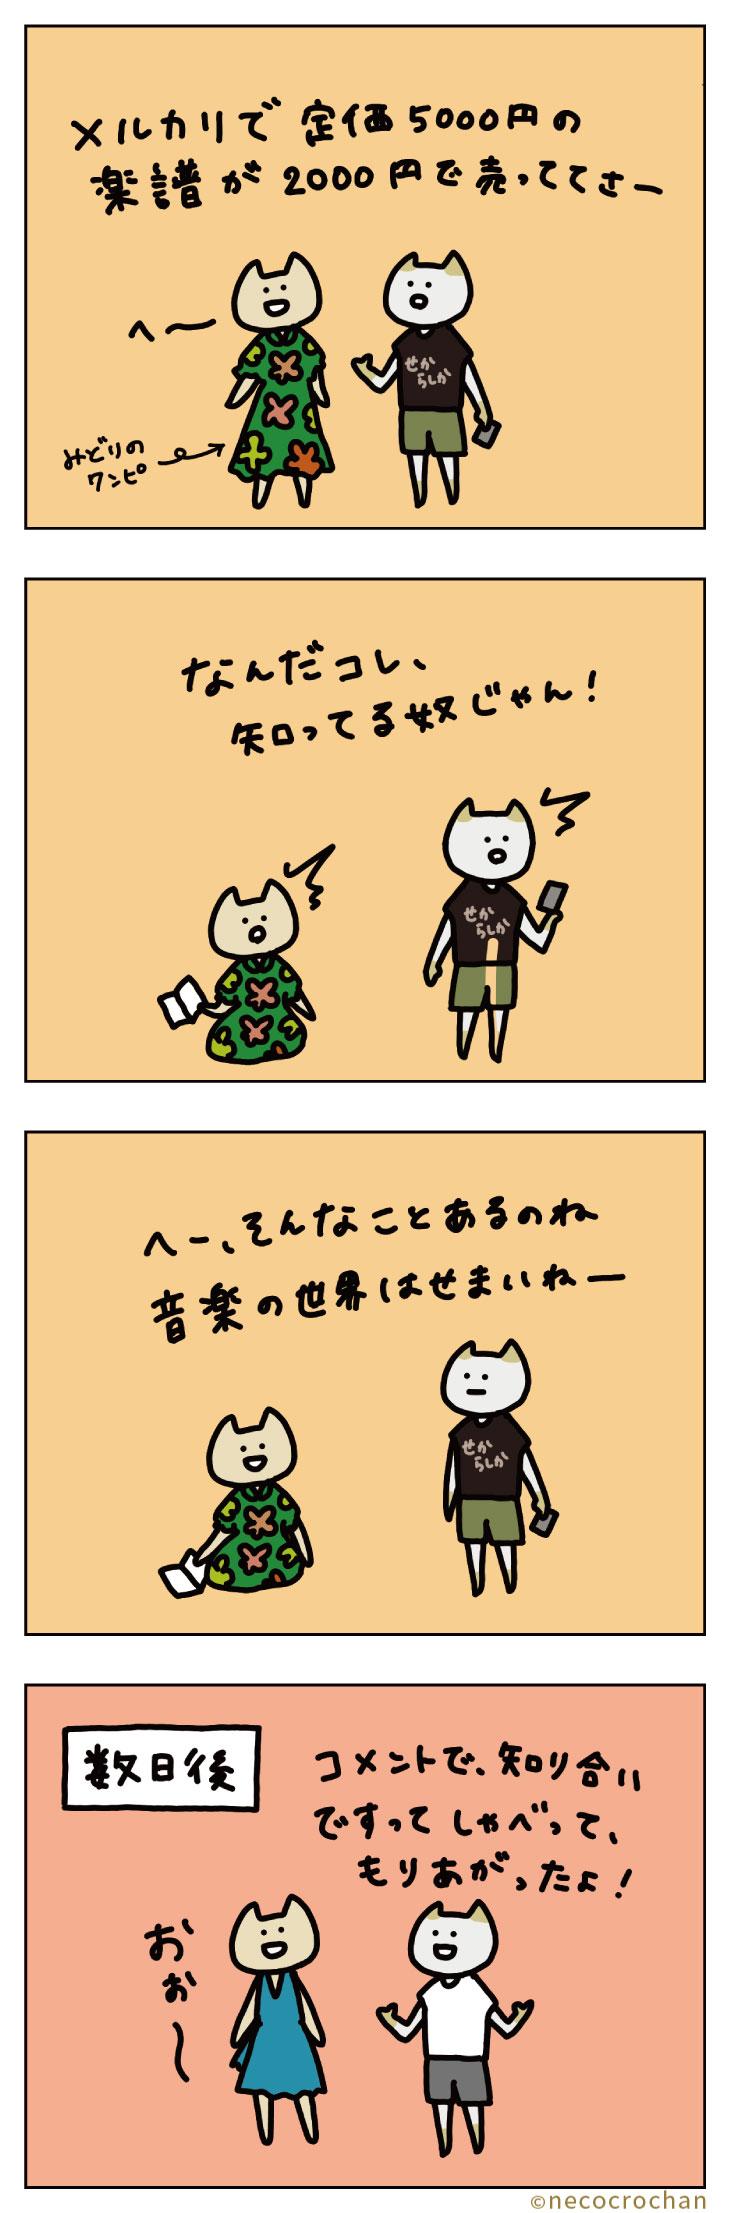 4コマ漫画ねこくろにっき「おとうもメルカリ2」